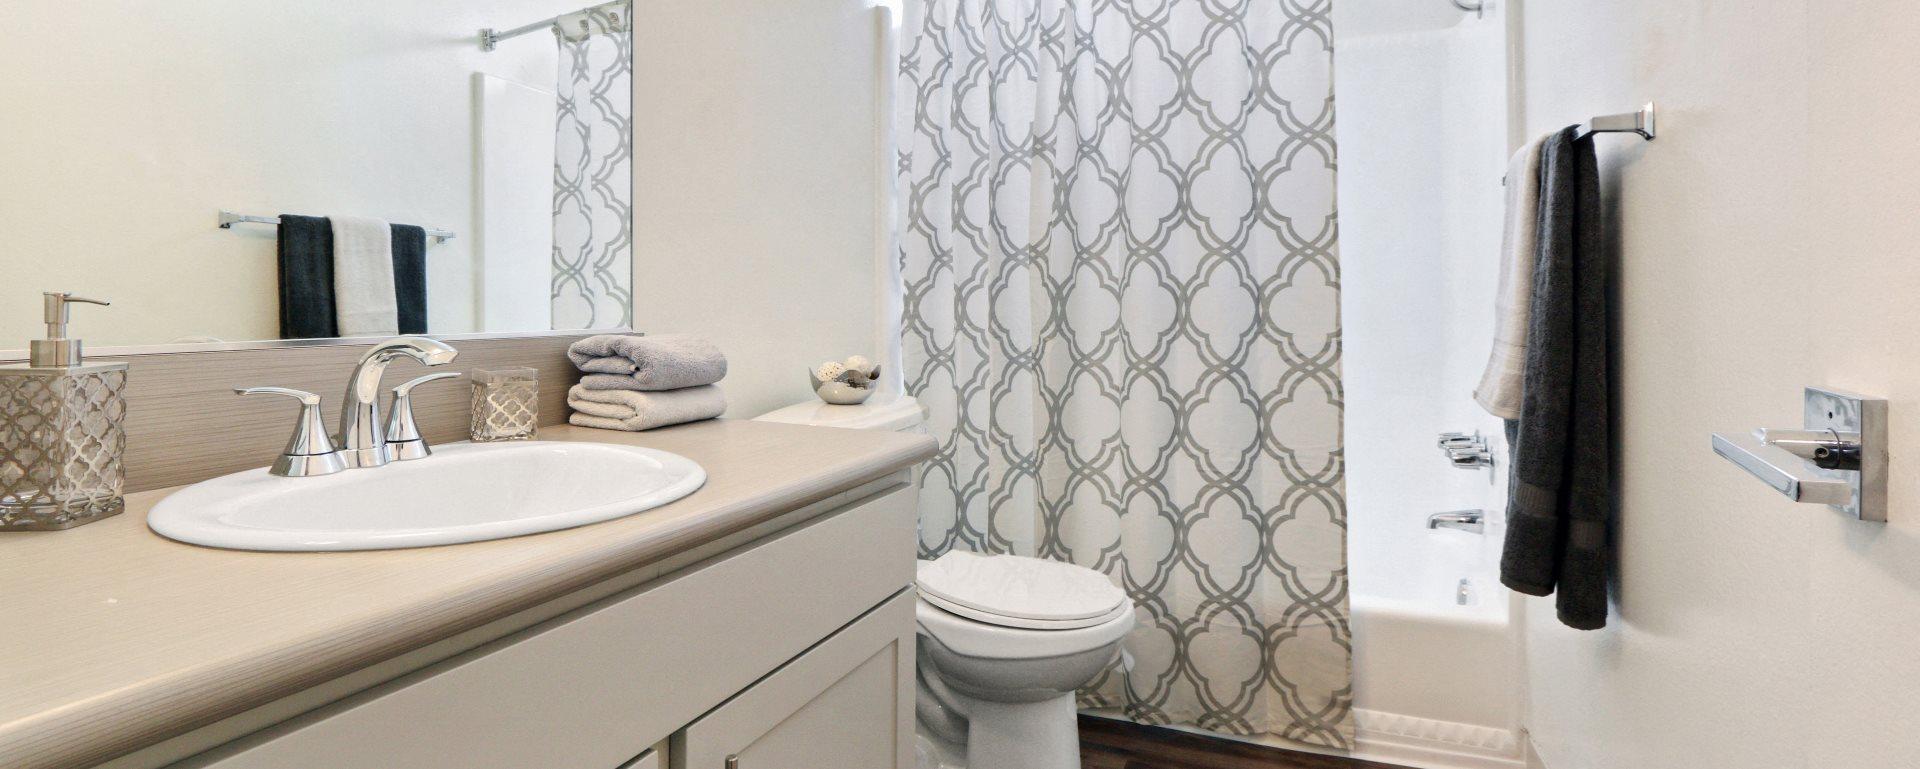 Define Bedroom Community Clair Del Gardens Apartments In Long Beach Ca